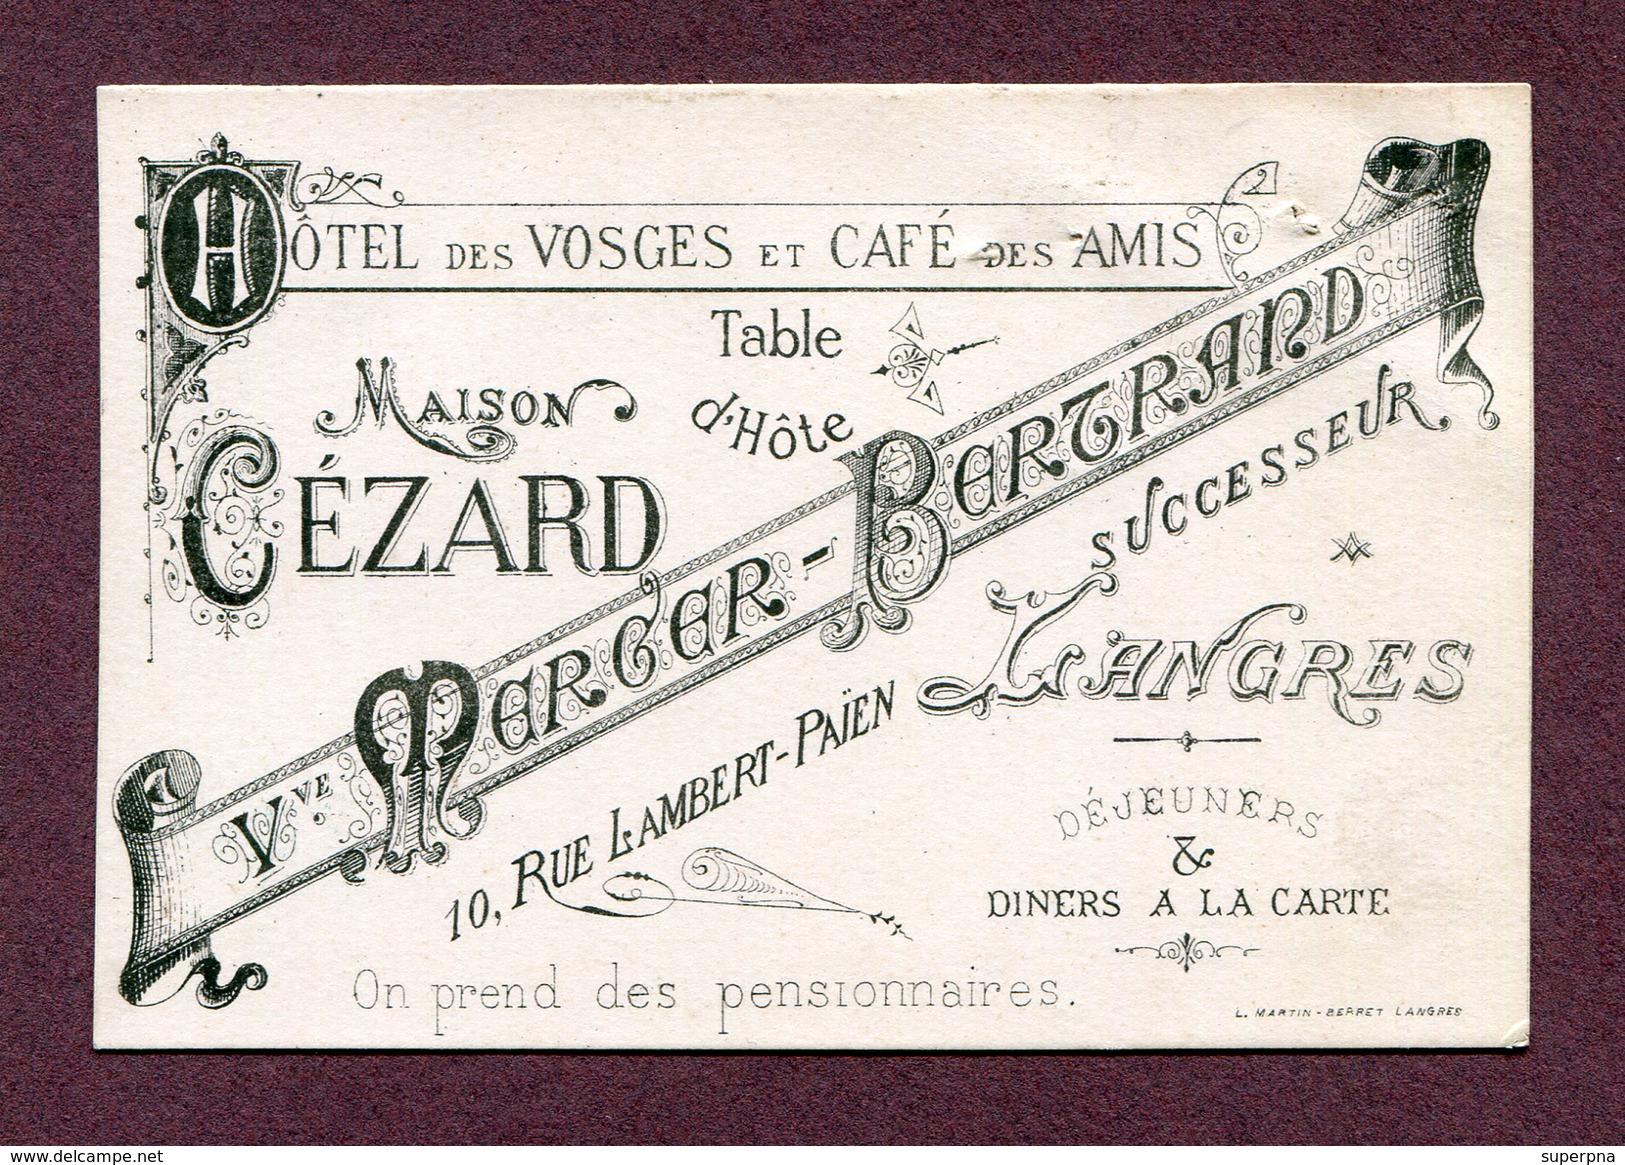 """LANGRES  (52) : """" HÔTEL DES VOSGES - Maison CEZARD """"   Carte De Visite / Menu - Langres"""